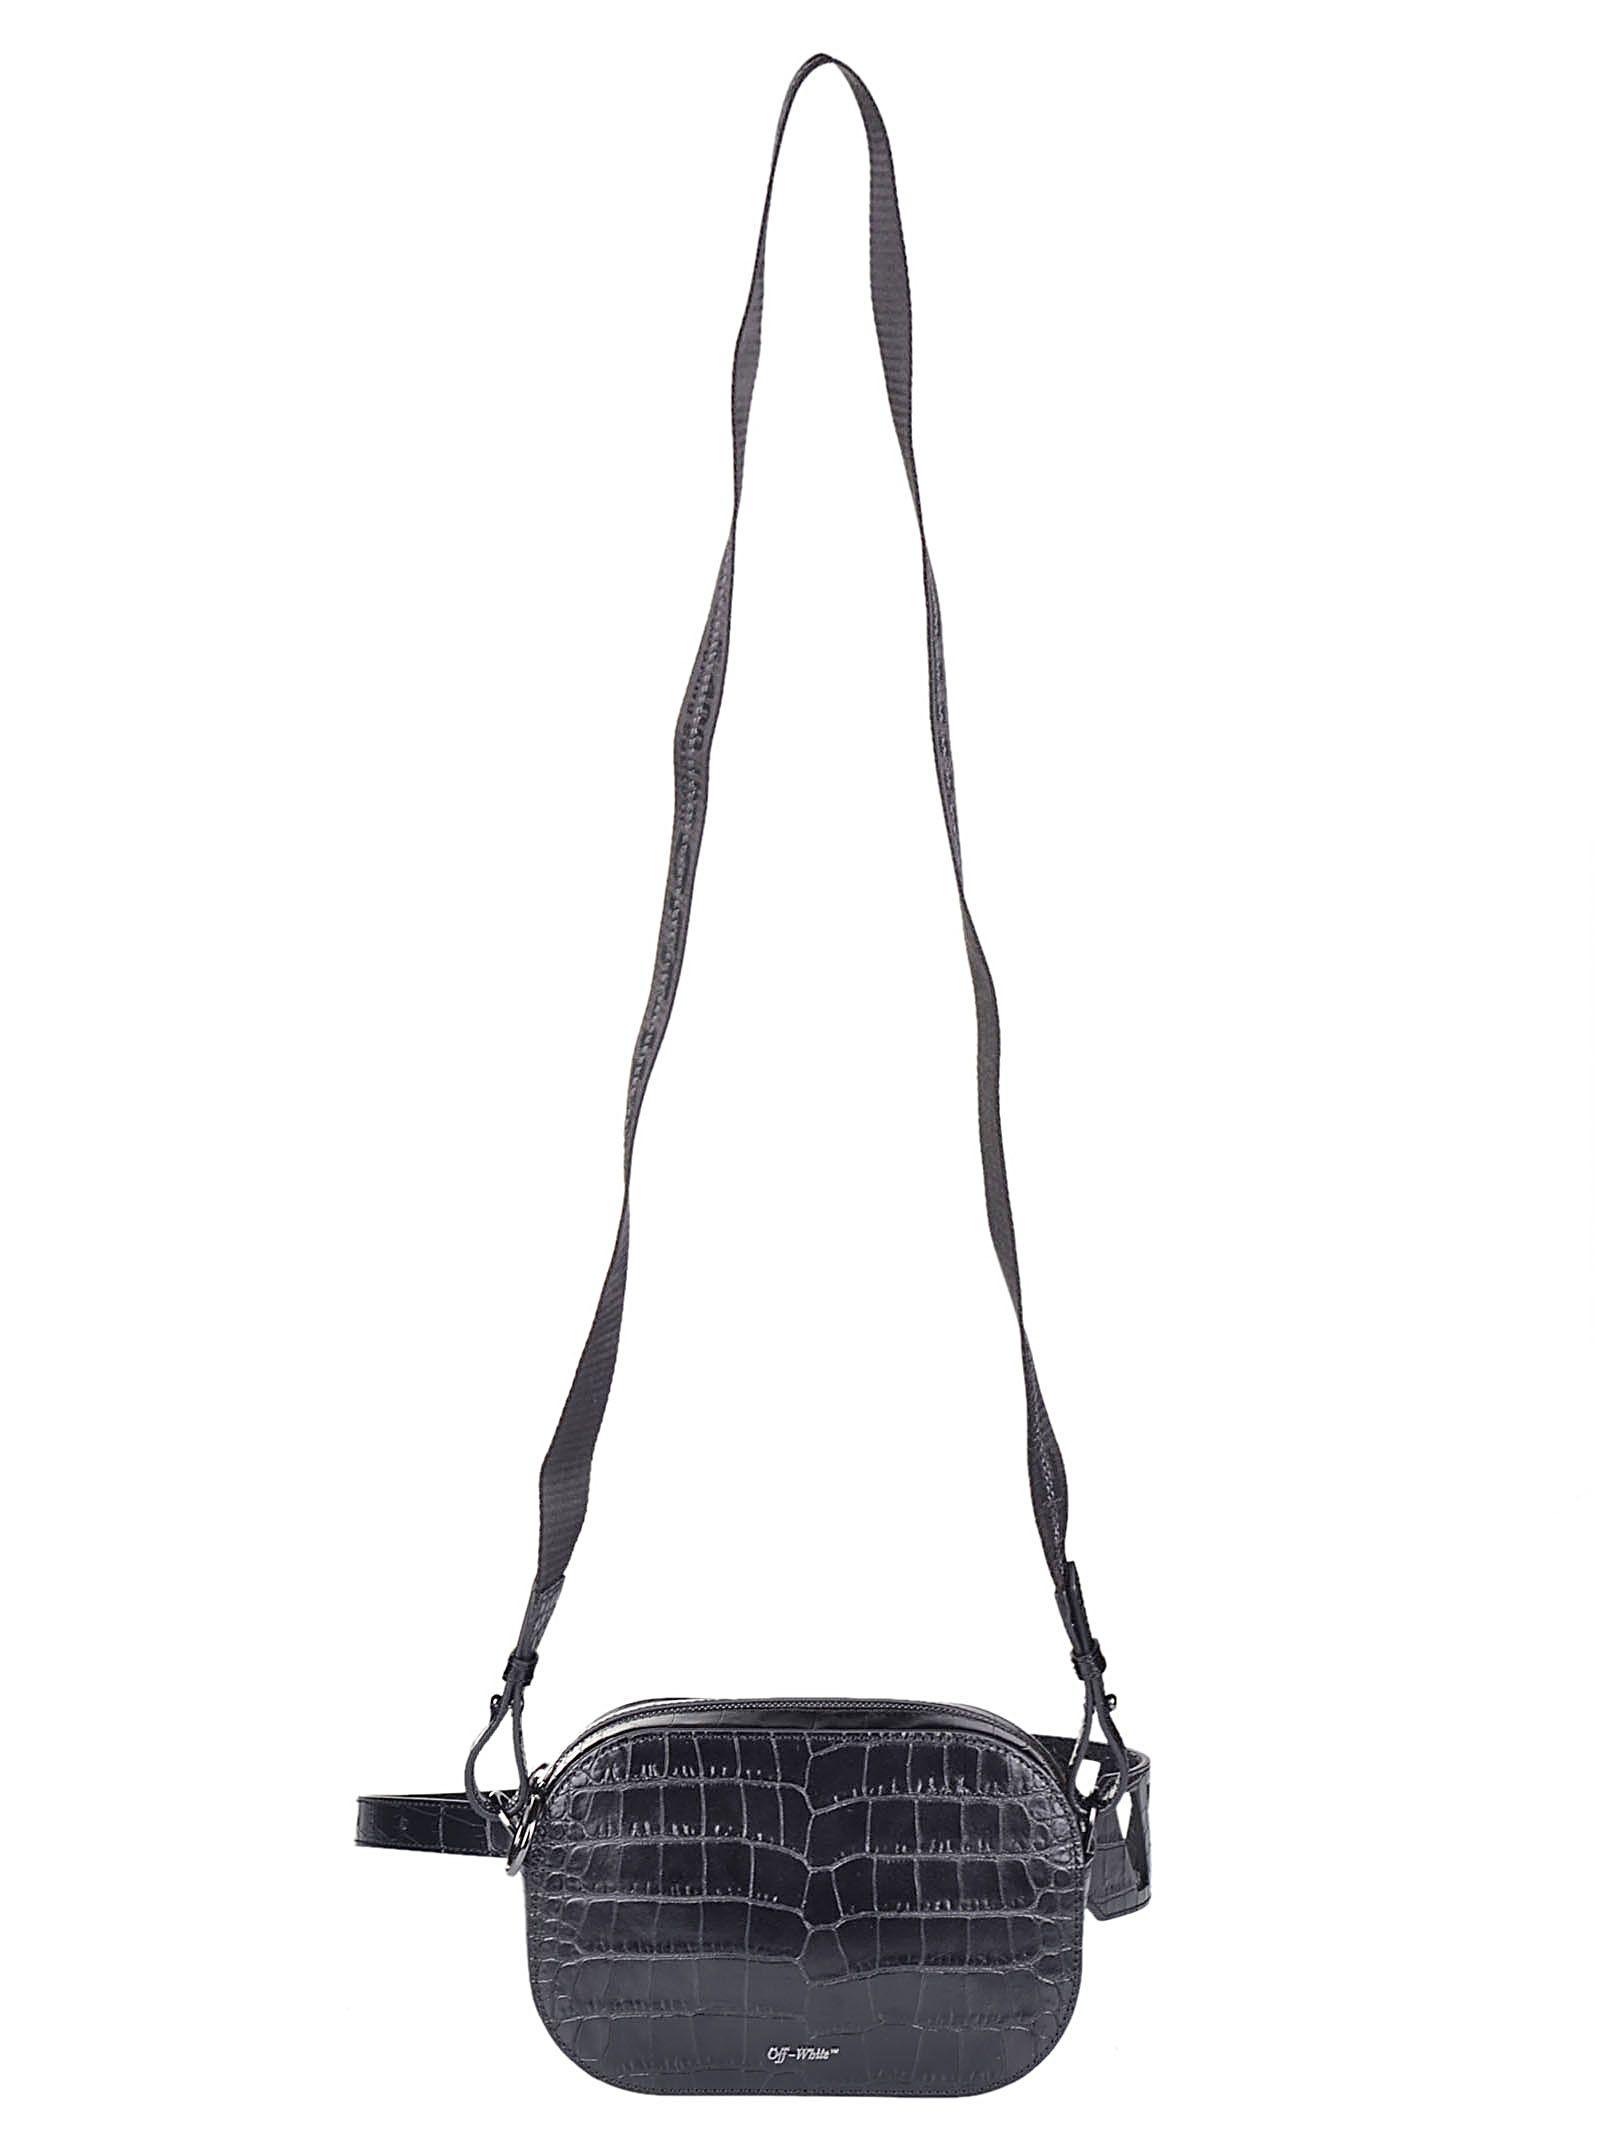 0597aa4d73 Off-White Off-white Camera Shoulder Bag - Black - 10753975